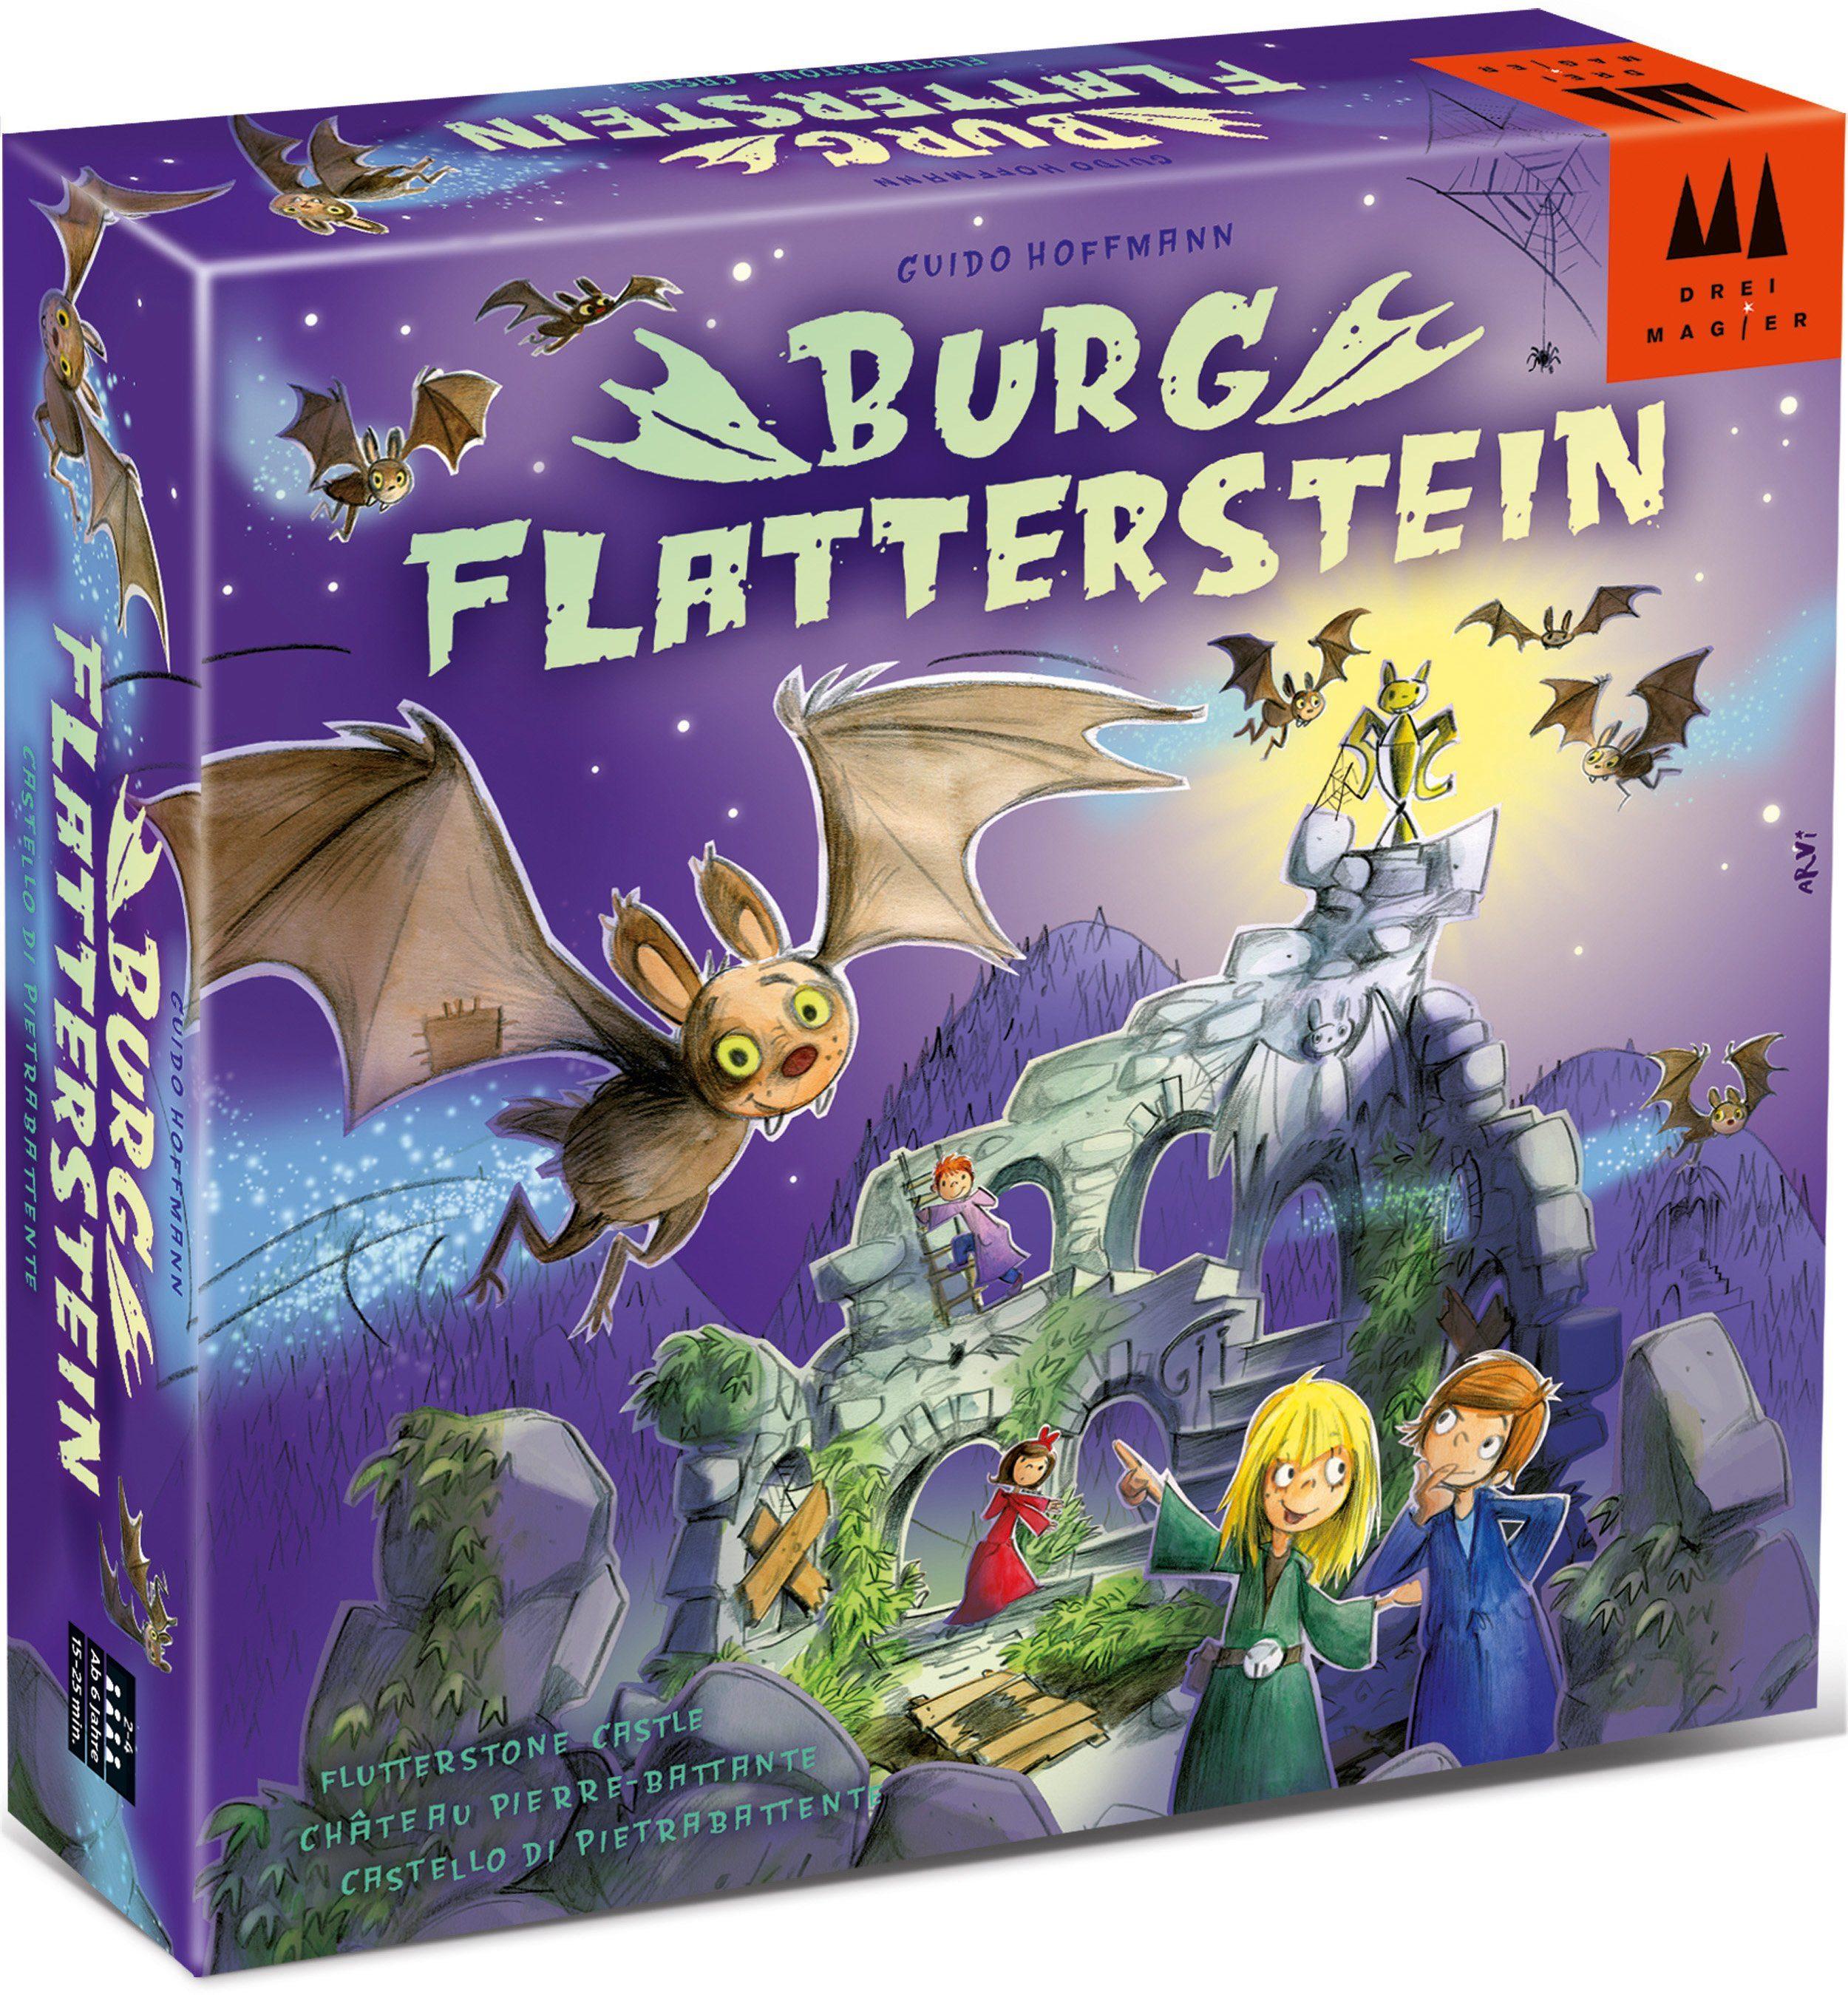 Drei Magier Spiele Spiele Brettspiel, »Burg Flatterstein®«